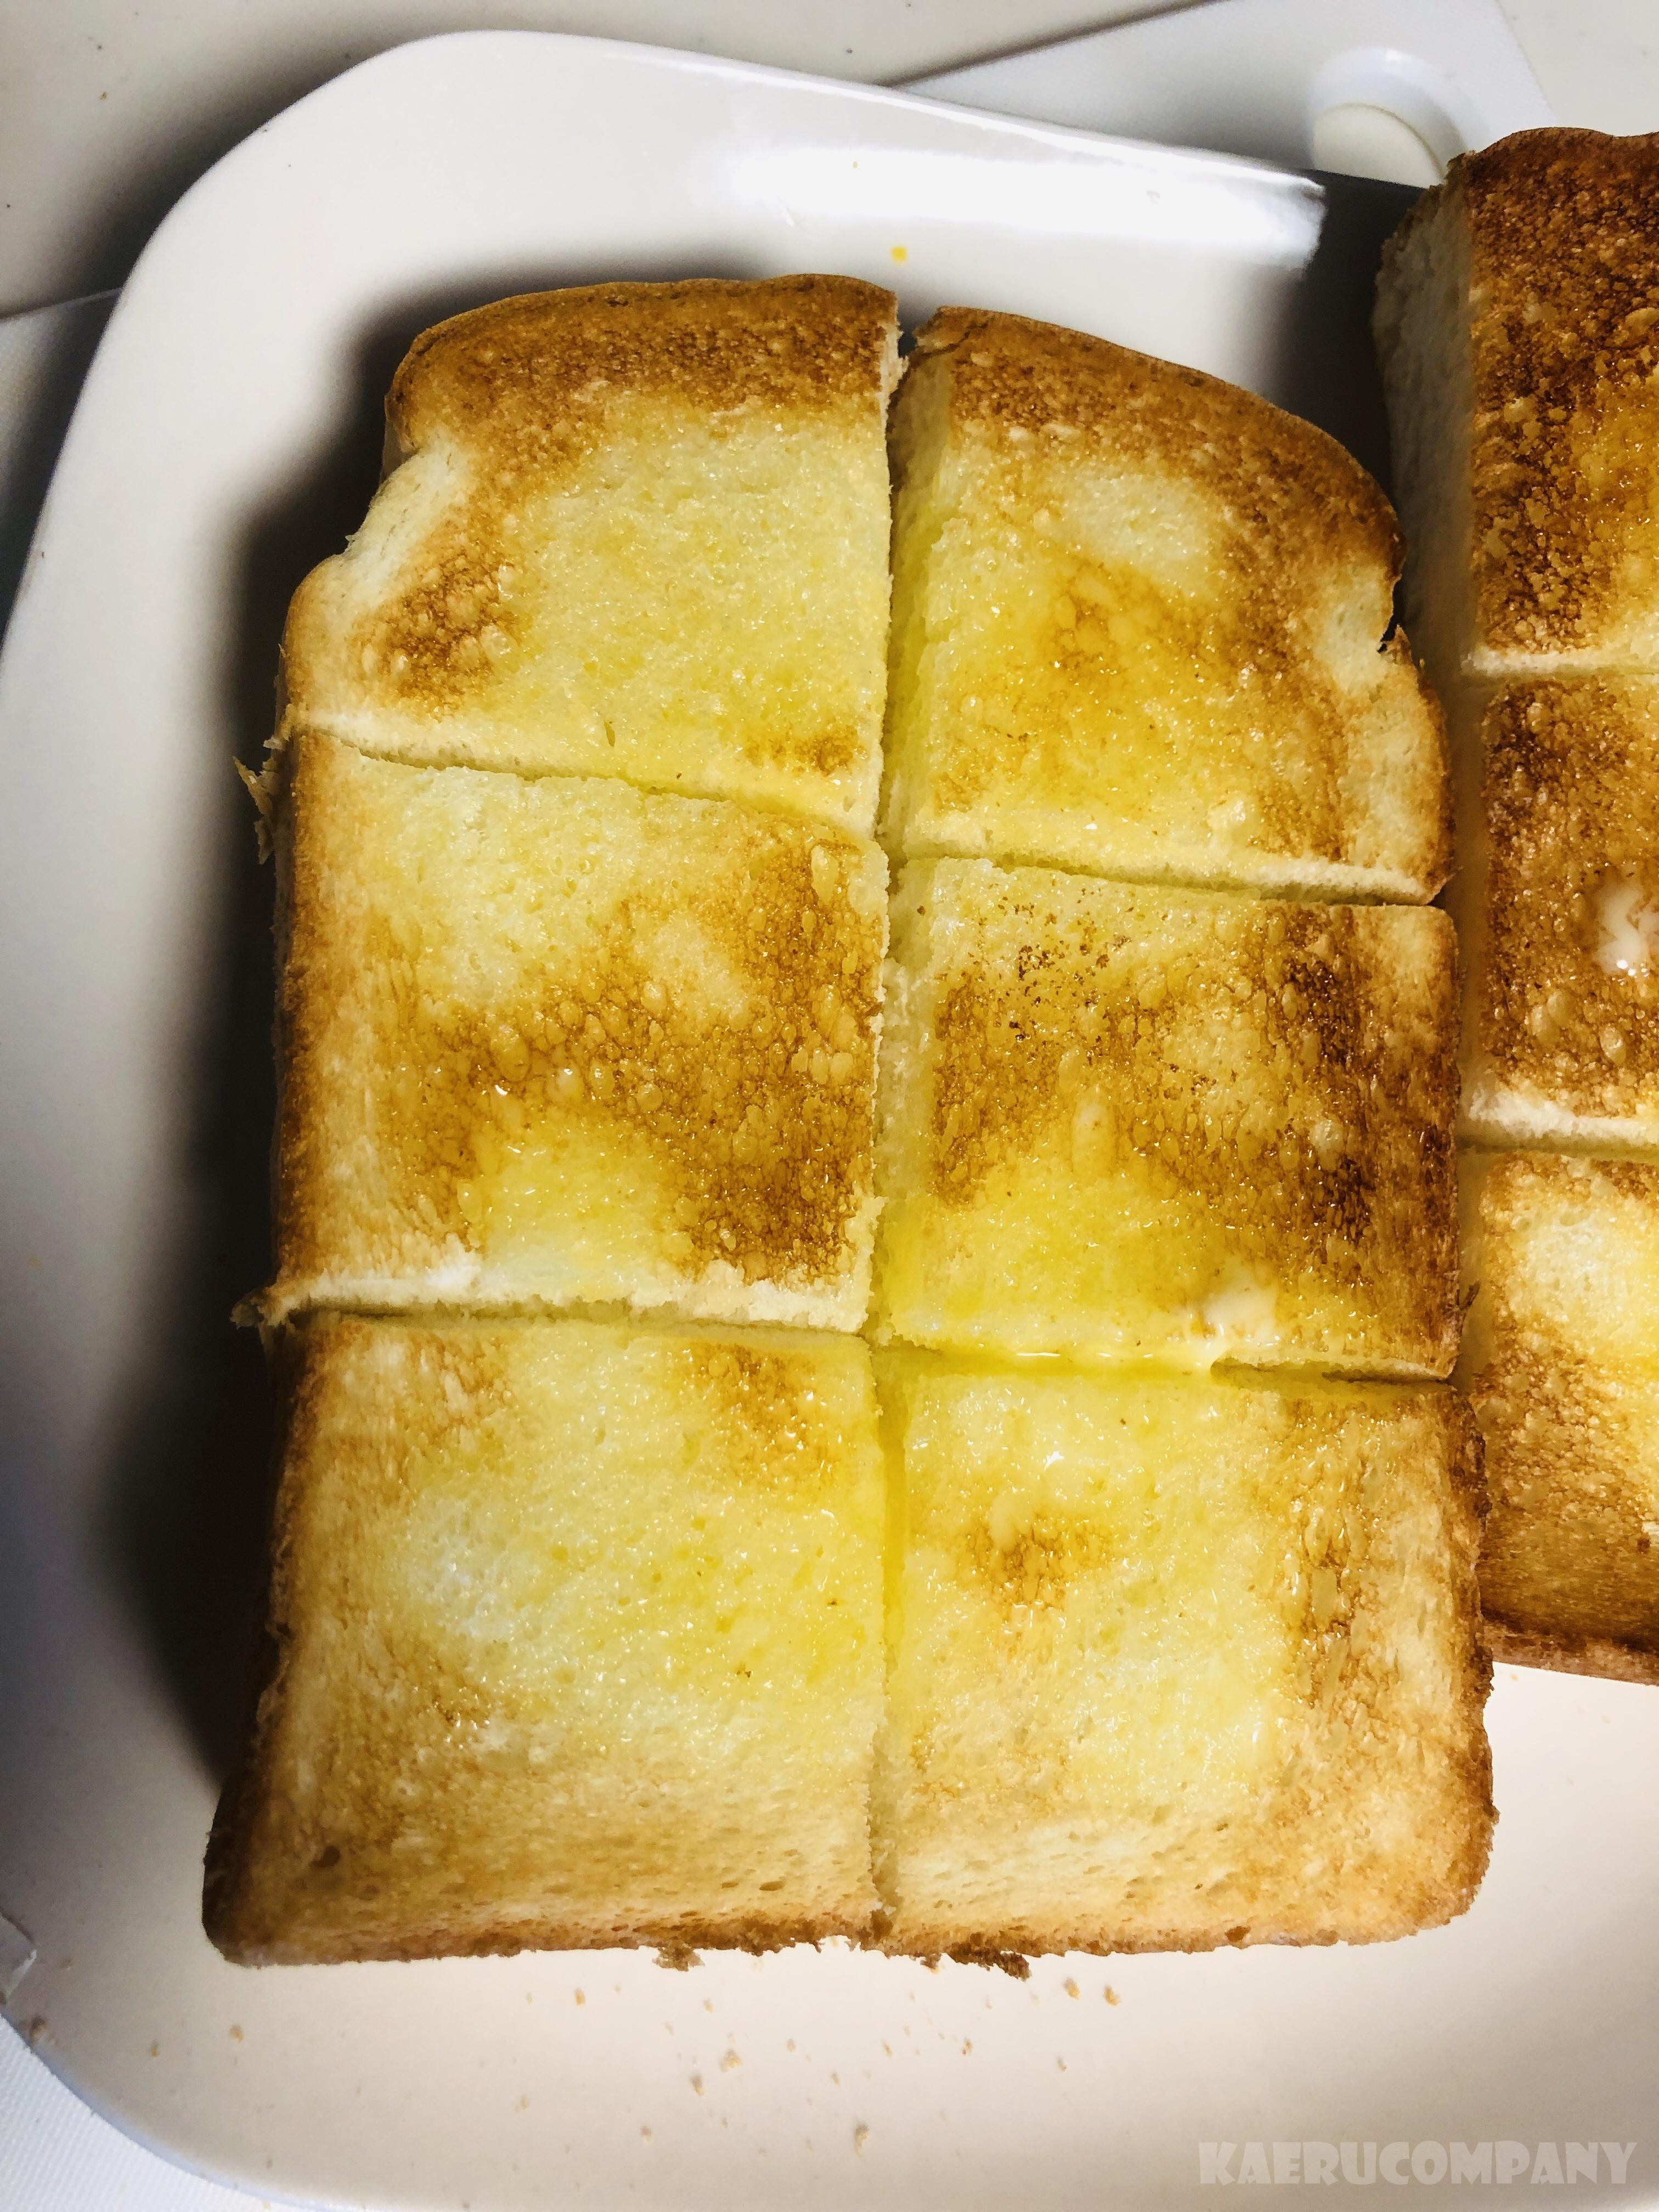 コメダの食パンをバルミューダで焼いてみた